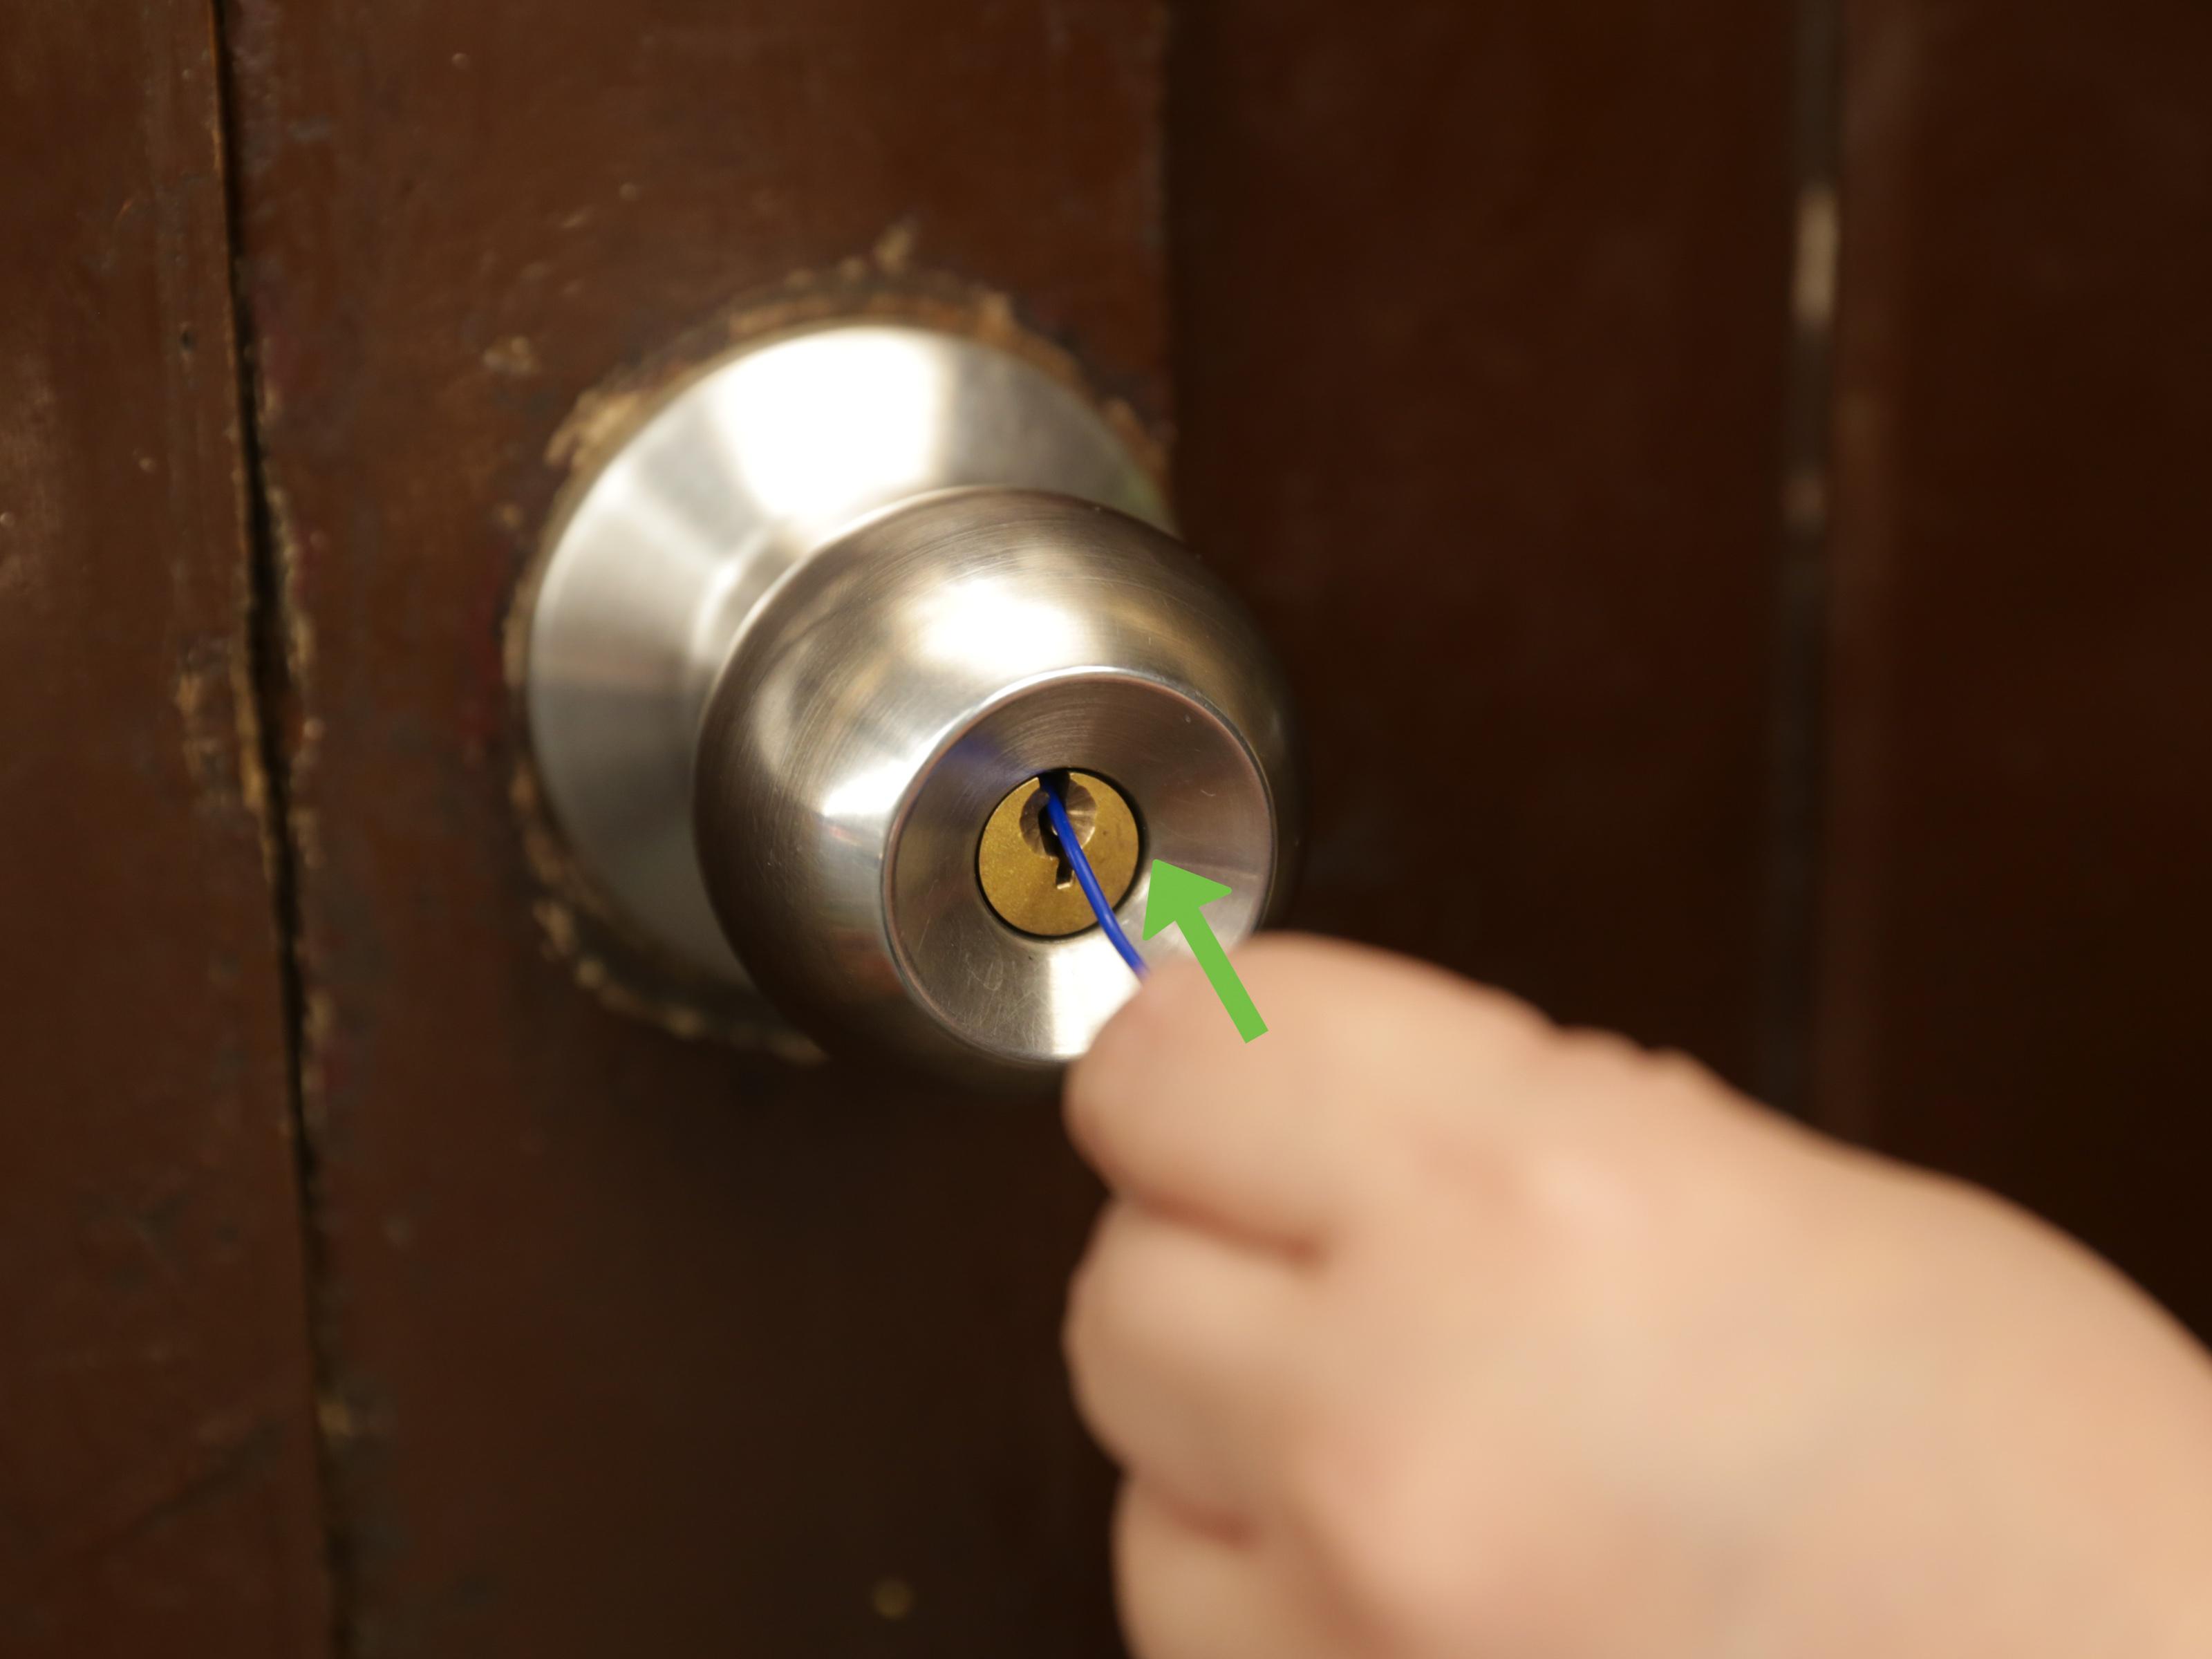 key stuck in door knob photo - 9